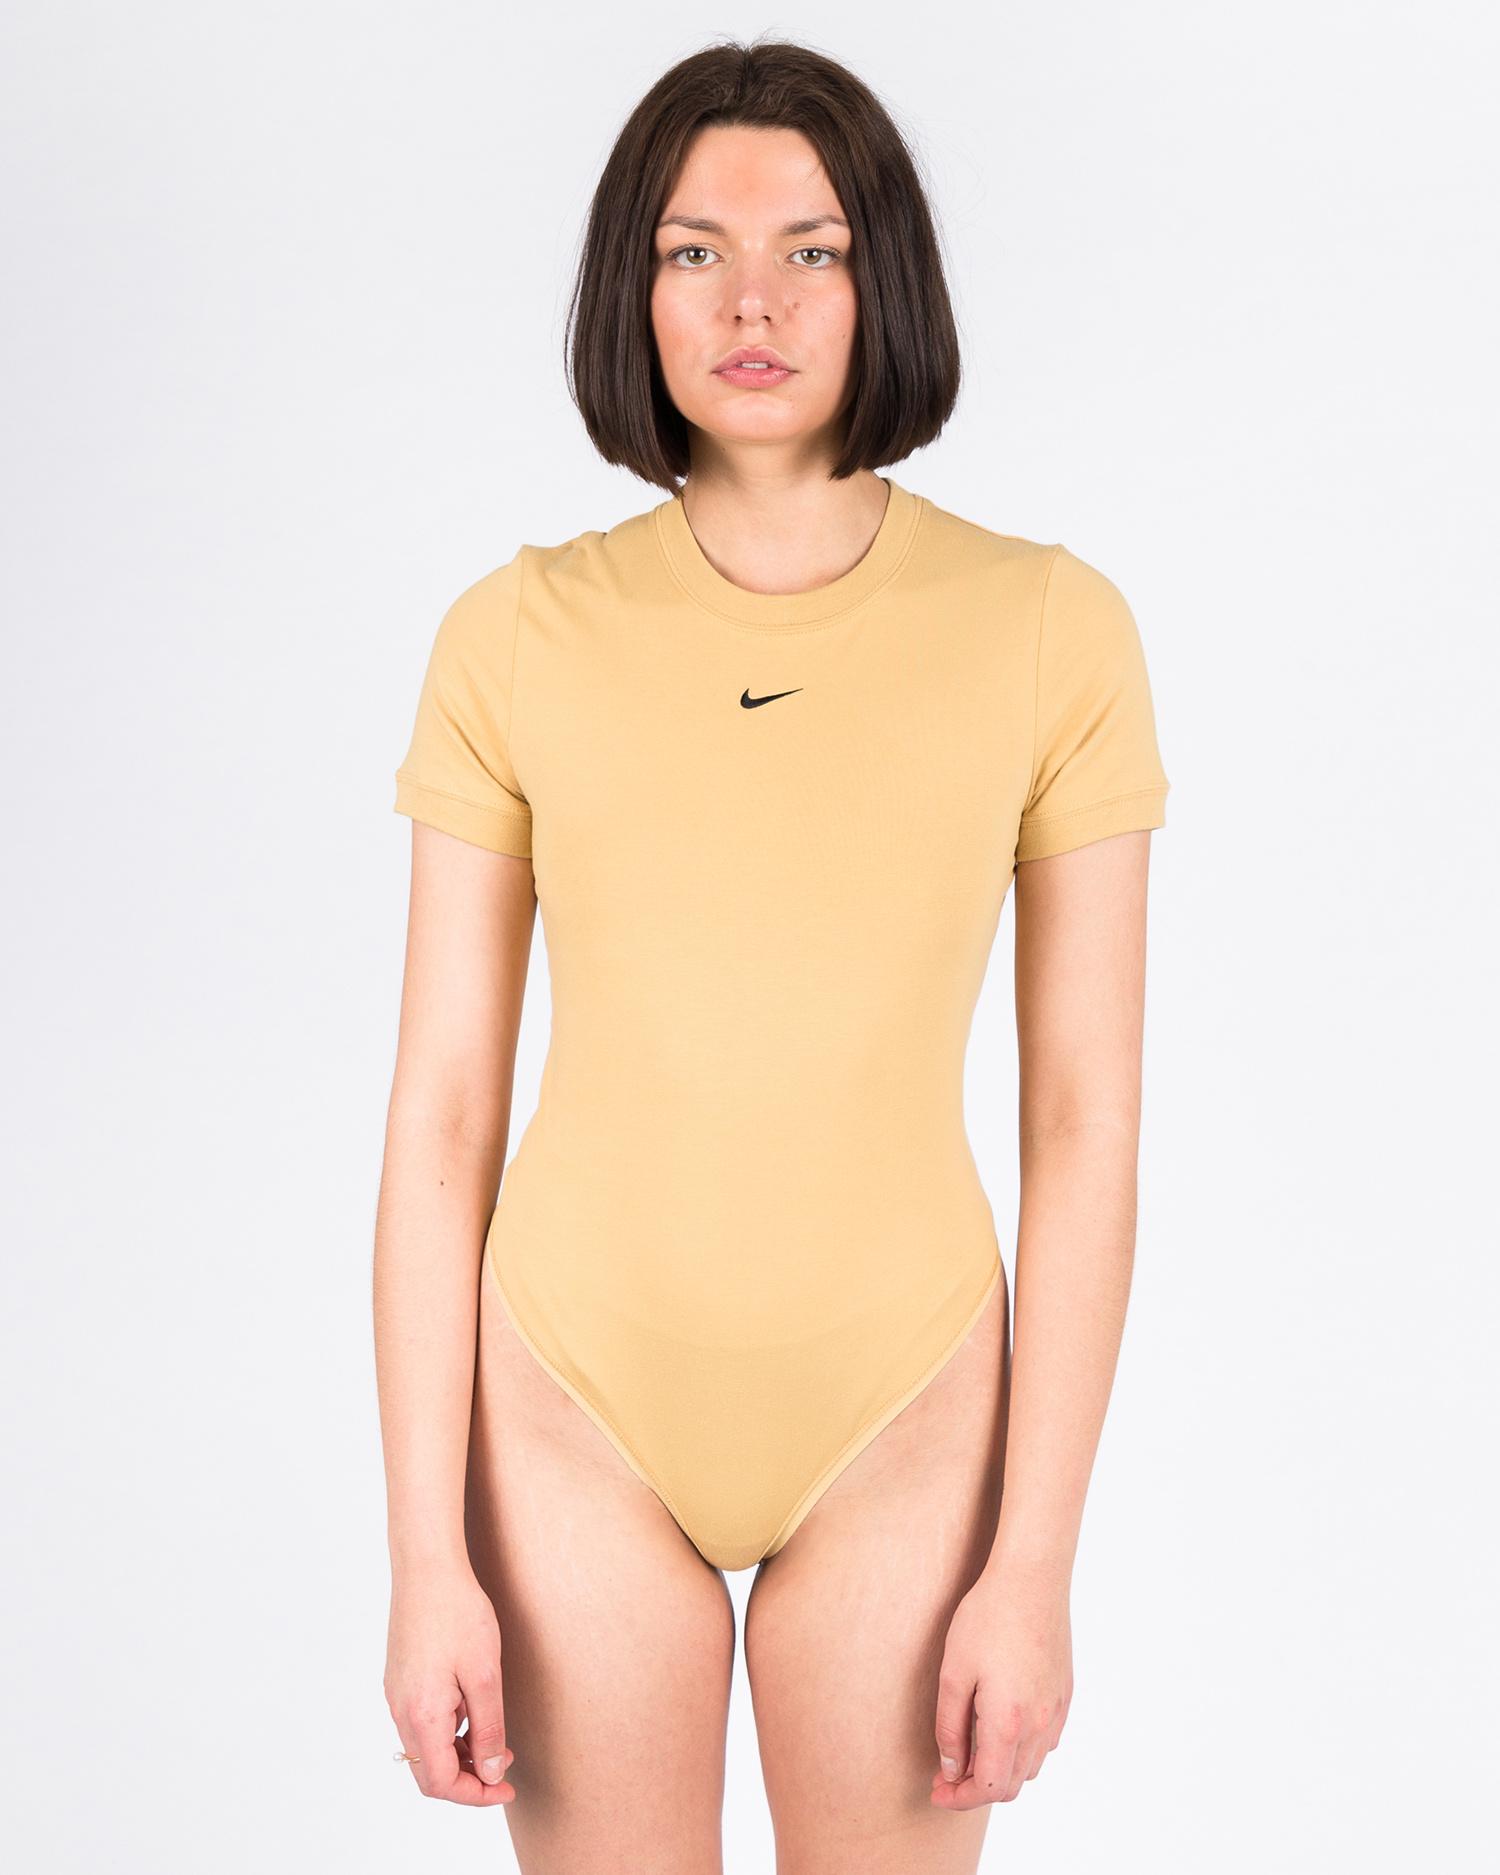 Nike Women's Sportswear Essential Bodysuit Club gold/club gold/black